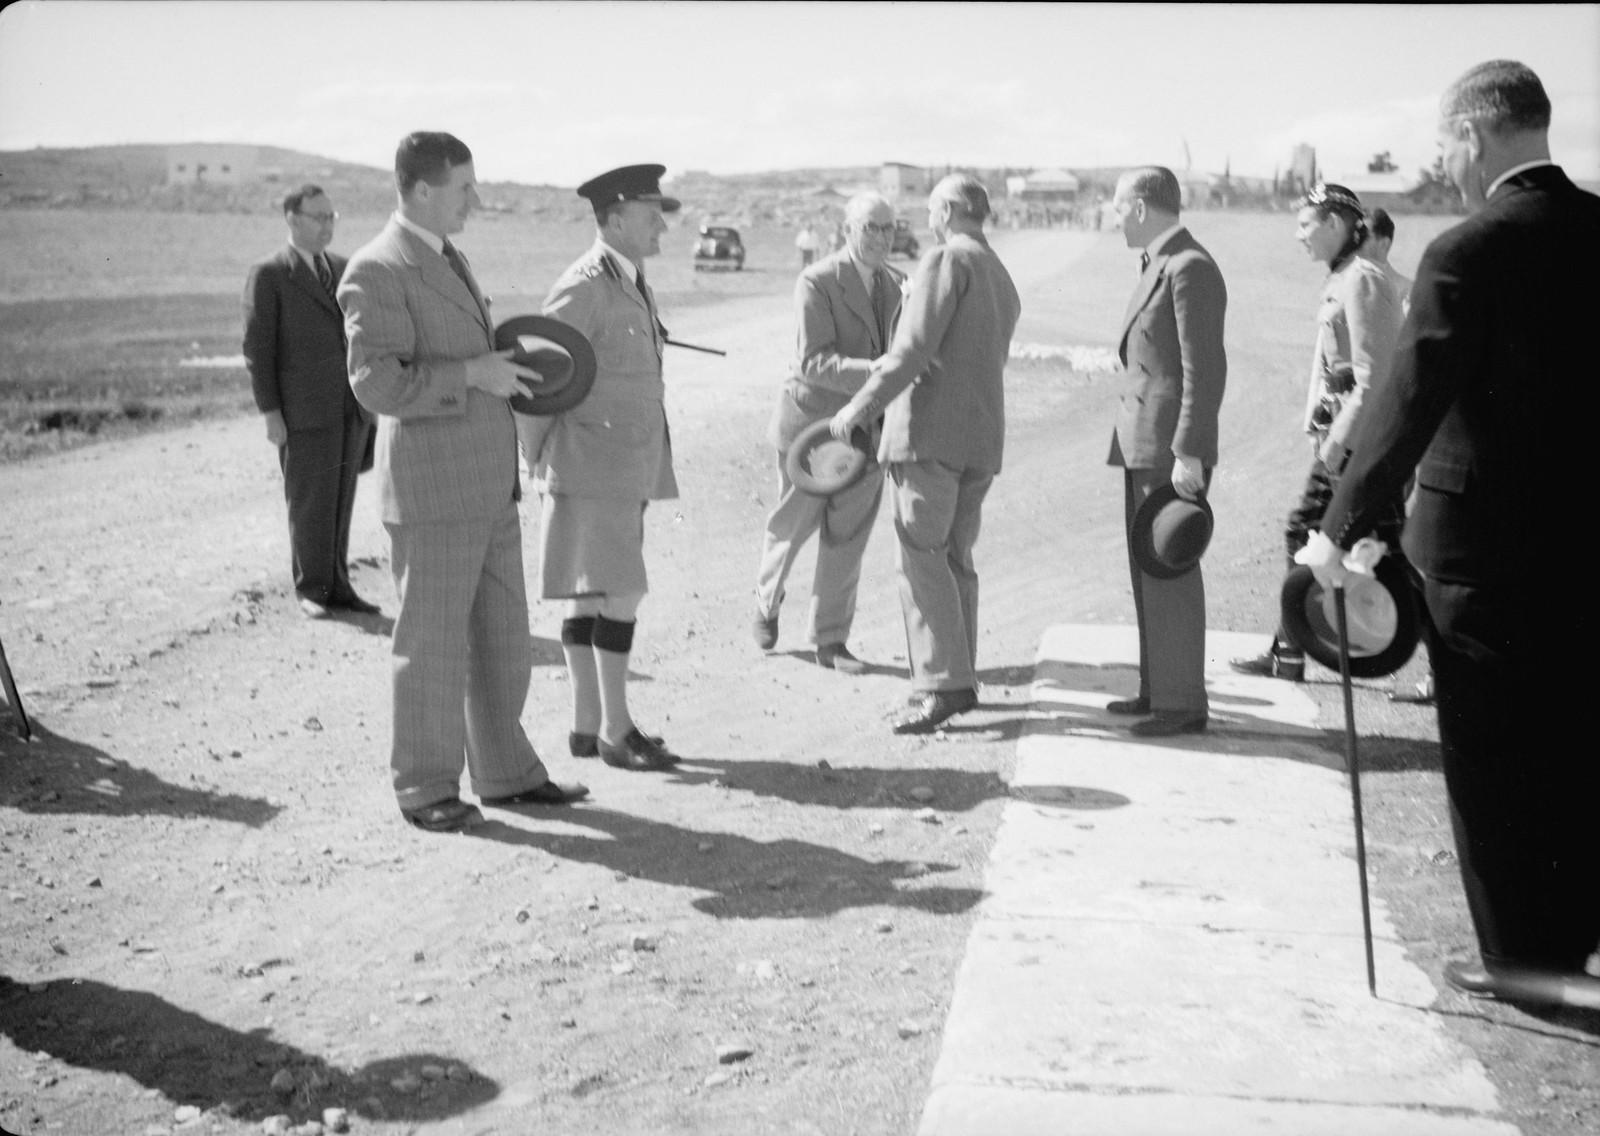 14. Сэр Гарольд МакМайкл пожимает руку майору Гамбли из гражданской авиации и другим правительственным чиновникам.